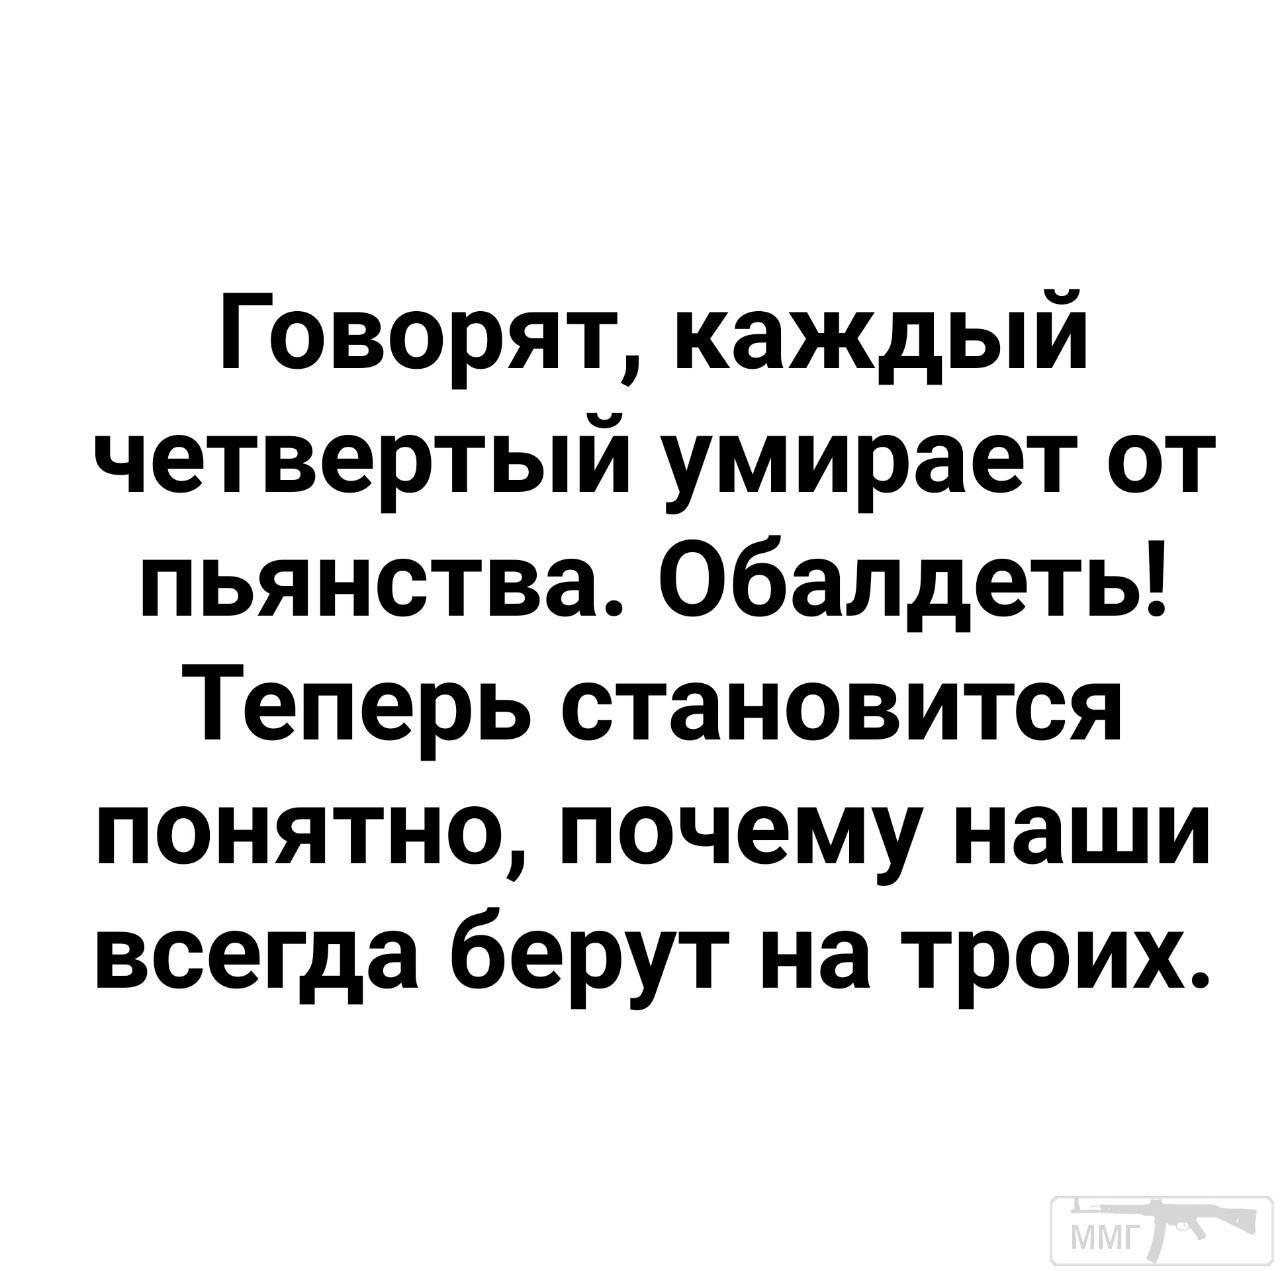 71167 - Пить или не пить? - пятничная алкогольная тема )))